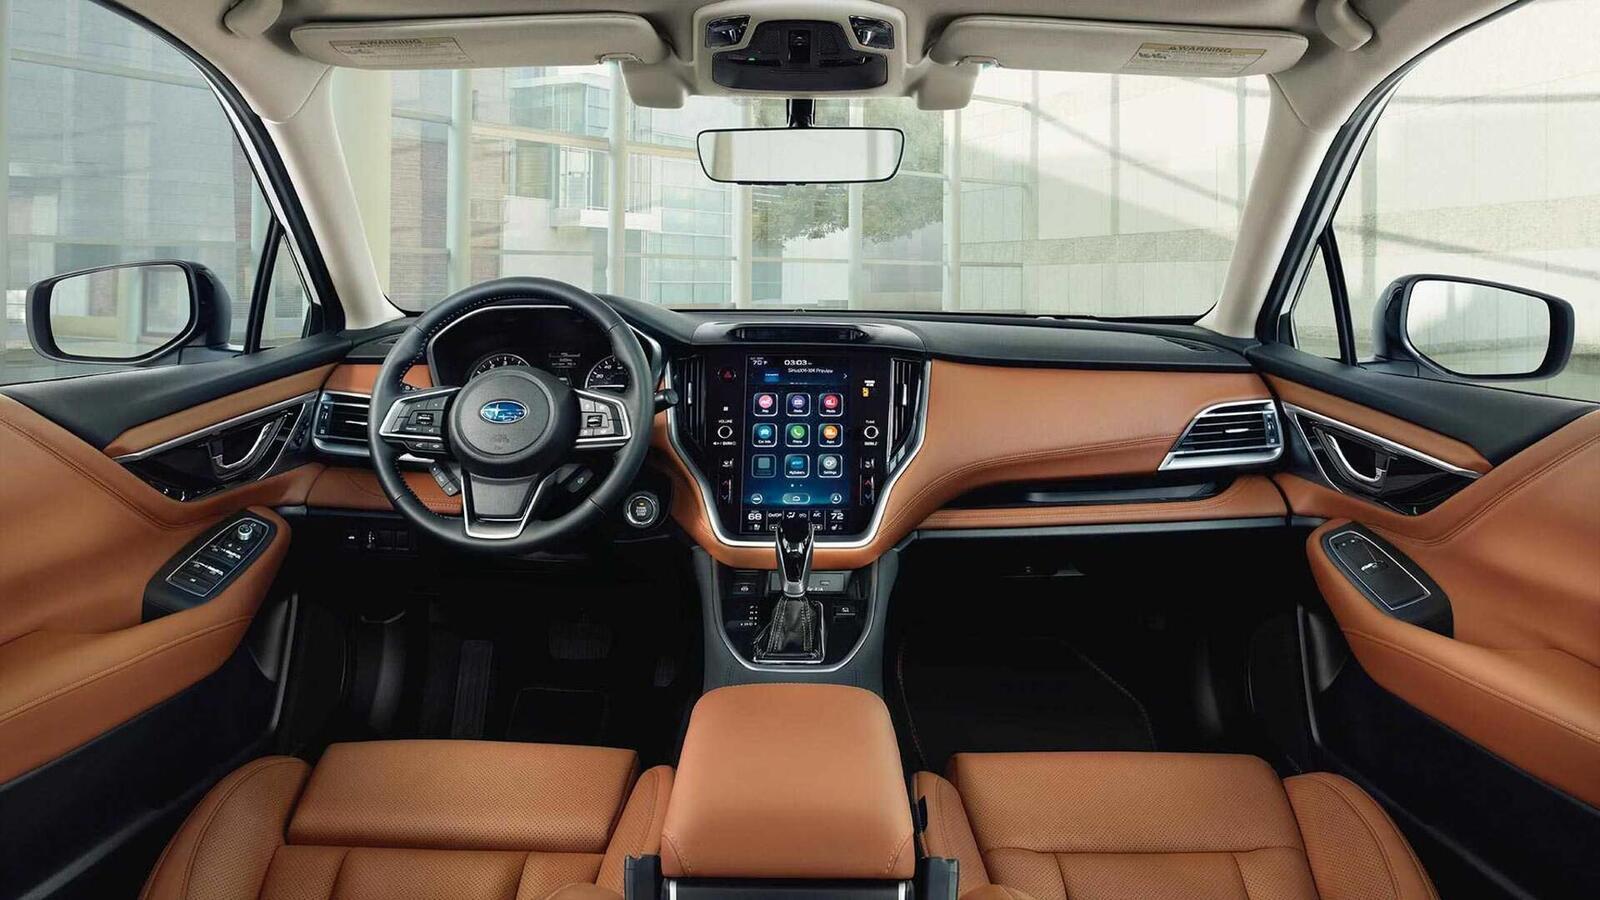 Subaru Legacy thế hệ mới ra mắt; đổi mới thiết kế; có thêm động cơ 2.5L tăng áp - Hình 4